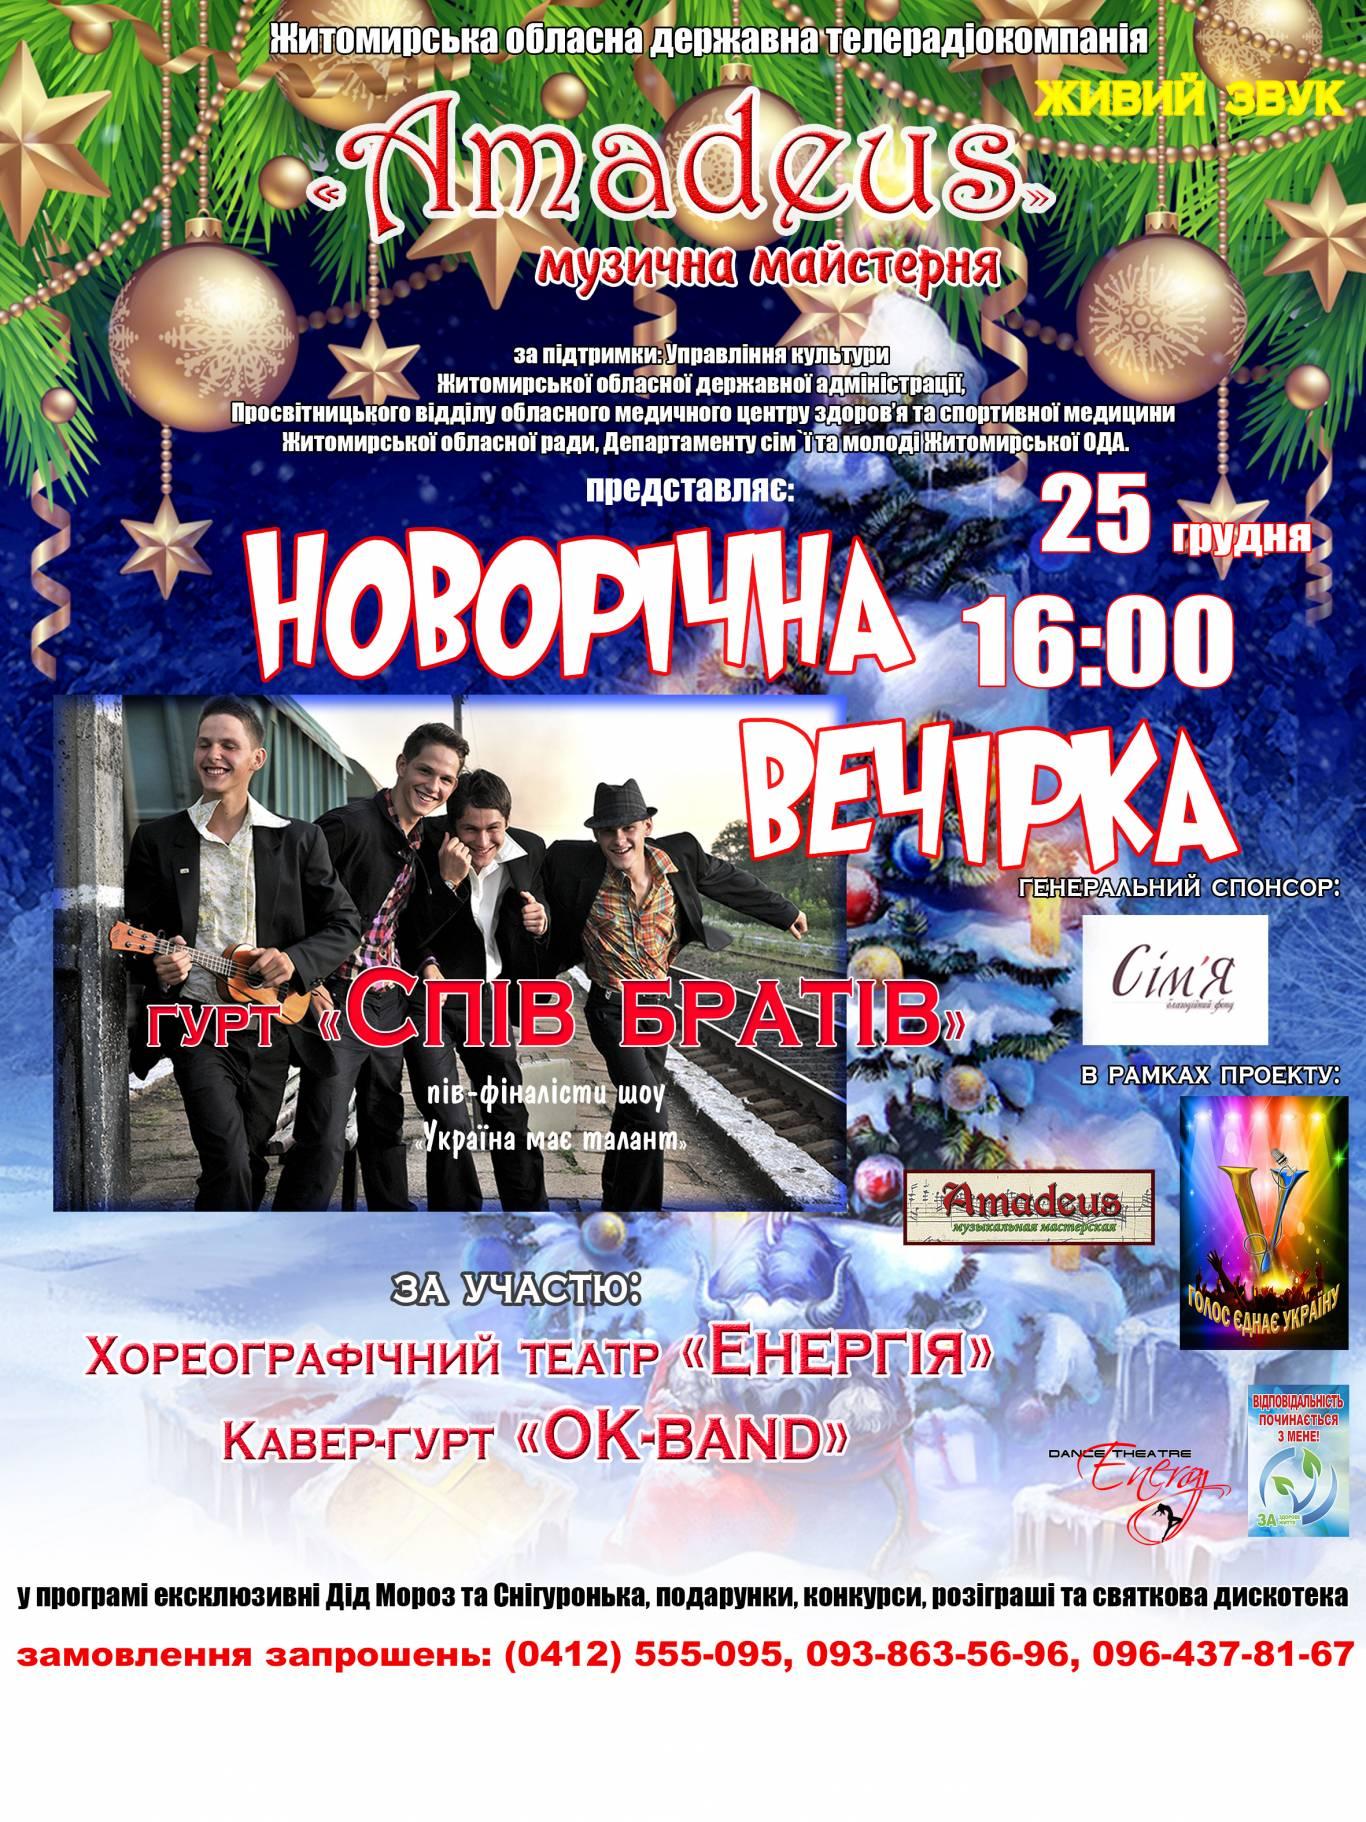 """Новорічна вечірка від музичної майстерні """"Amadeus"""""""